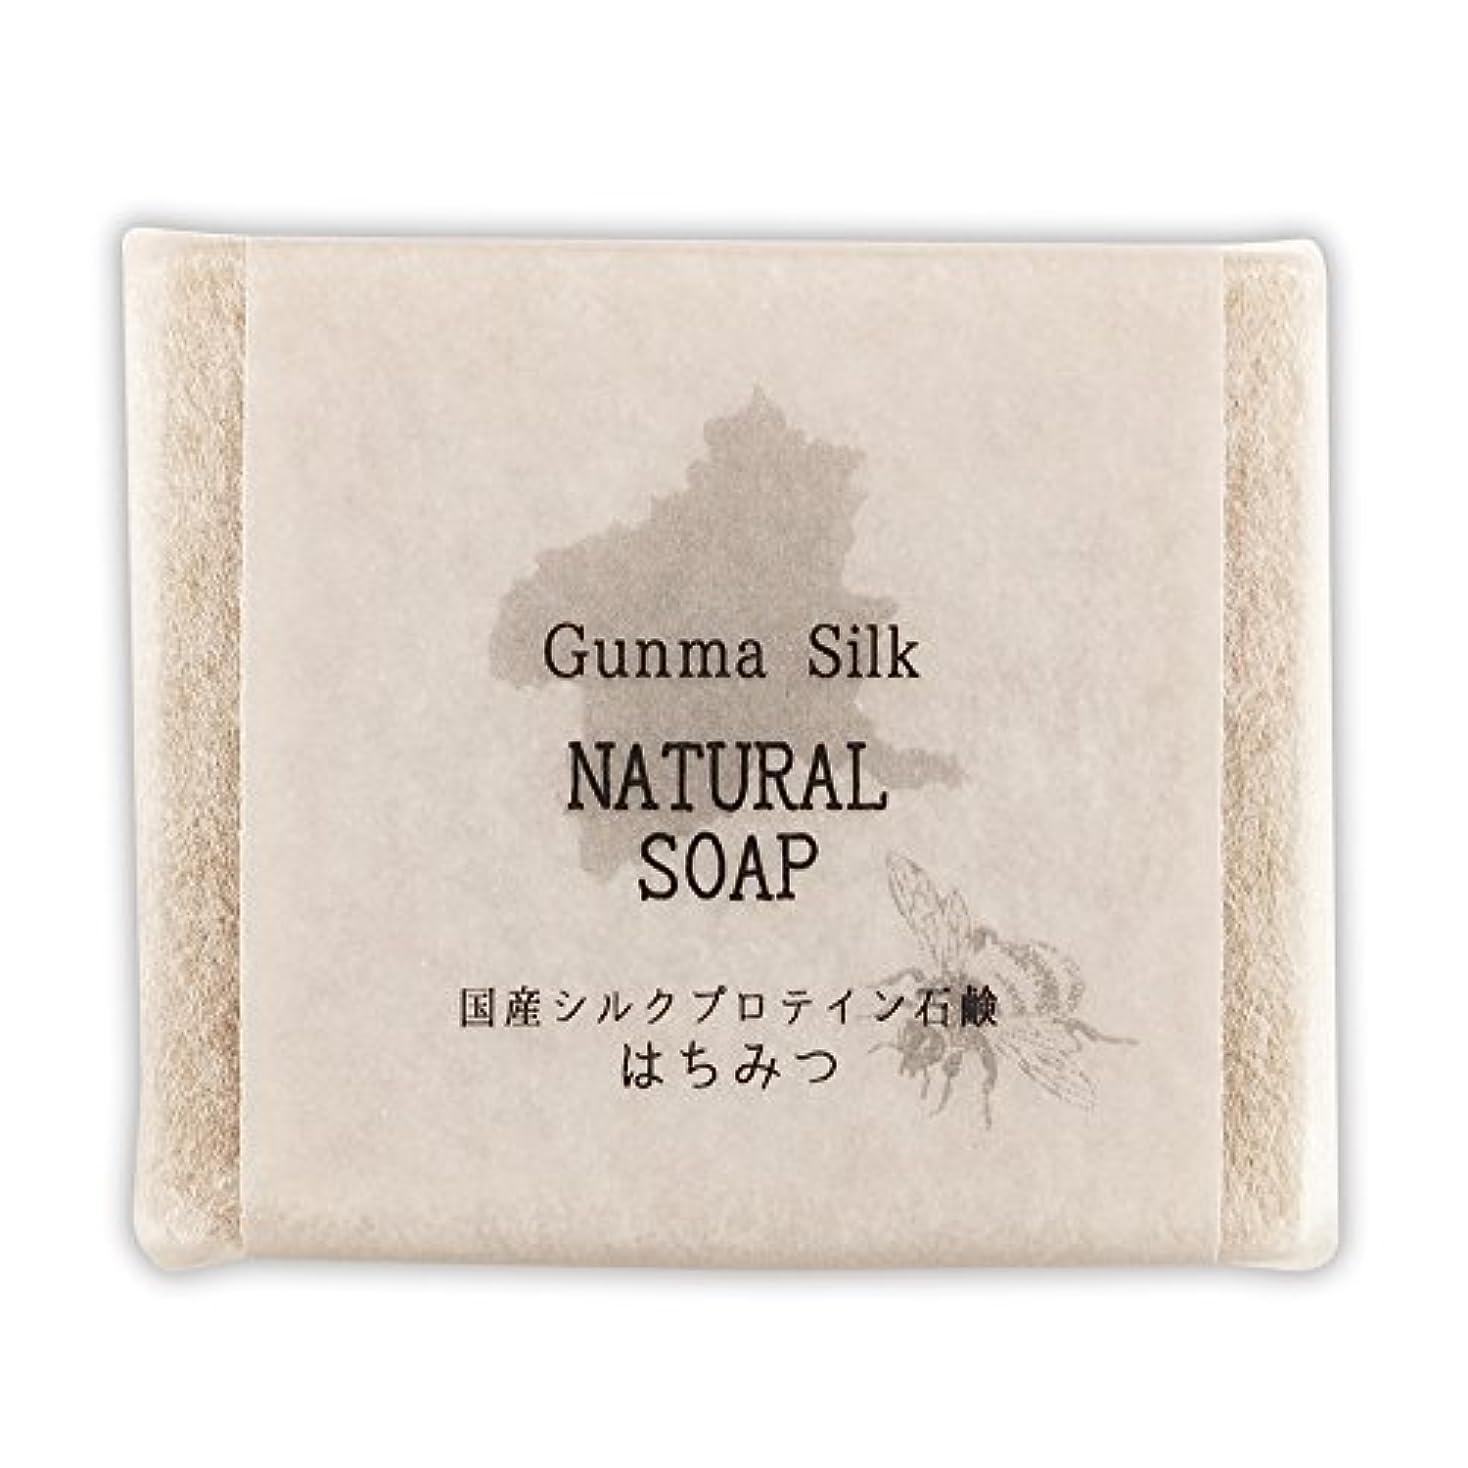 補助タイプ雑草BN 国産シルクプロテイン石鹸 はちみつ SKS-02 (1個)